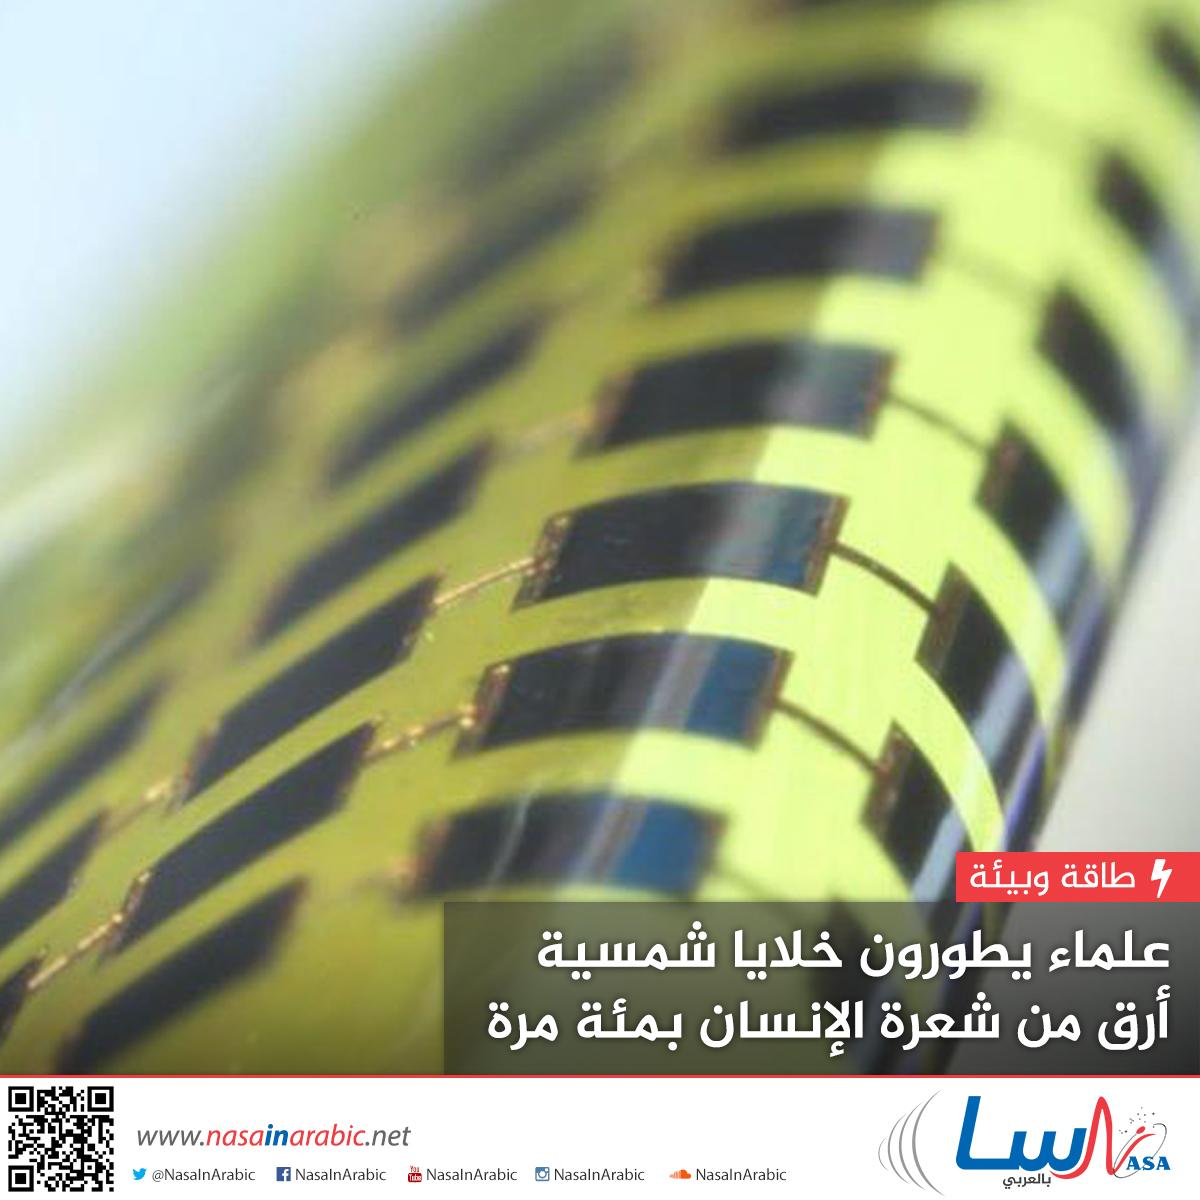 تطوير خلايا شمسية أرق من الشعرة بمئة مرة